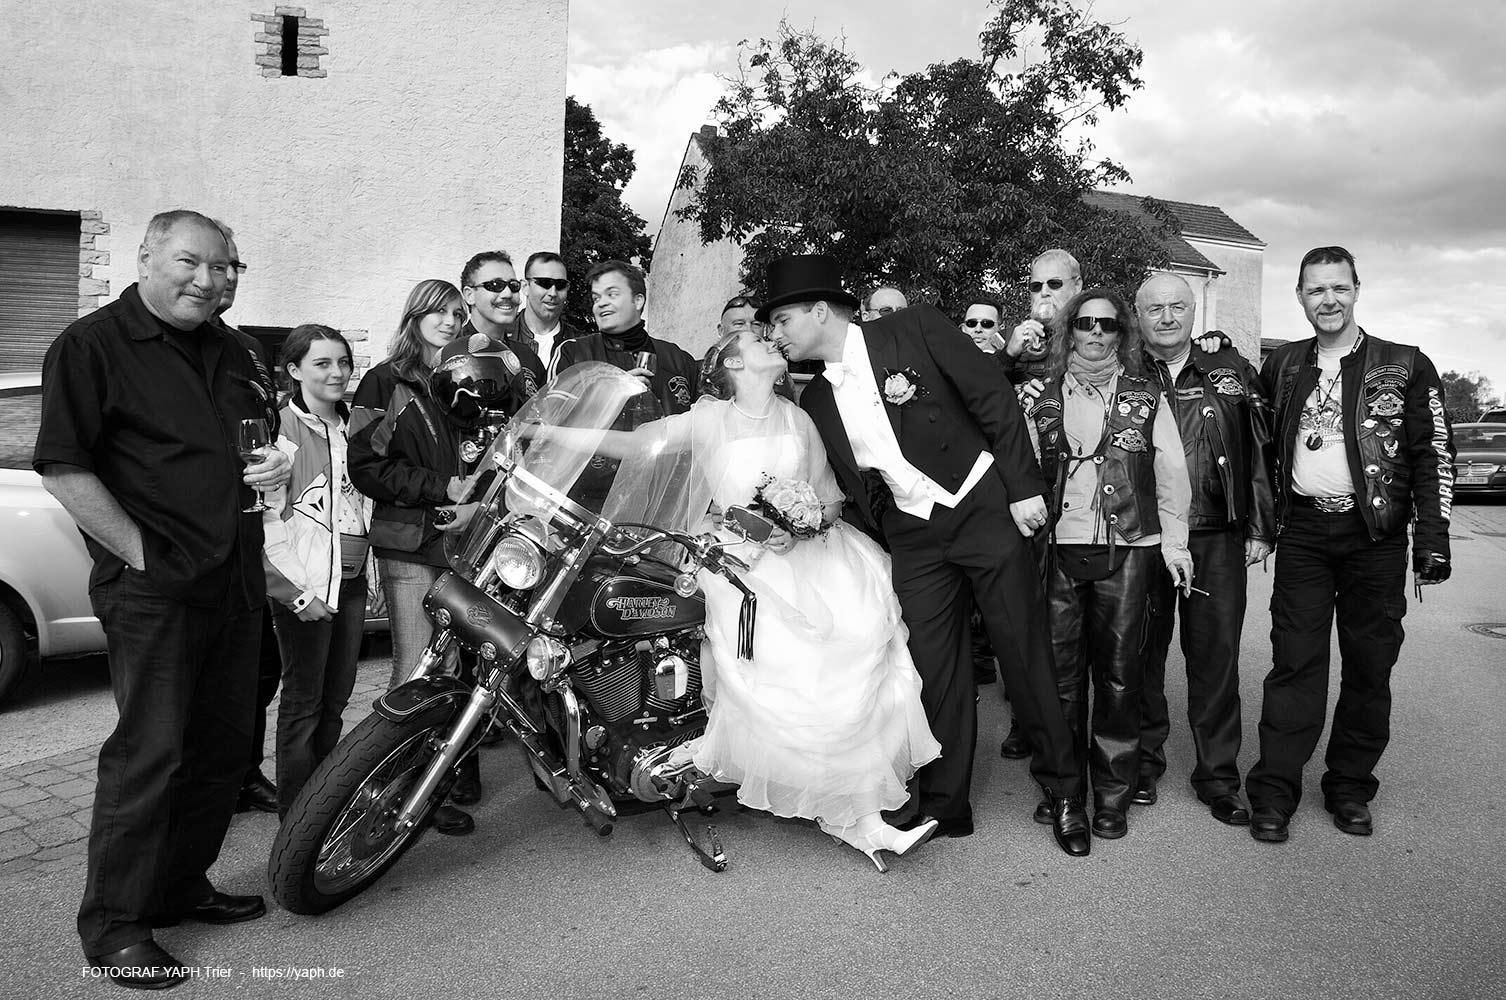 Fotograf für Hochzeit und Hochzeitsfotografin in Trier - Fotostudio Yaph auf dem Petrisberg